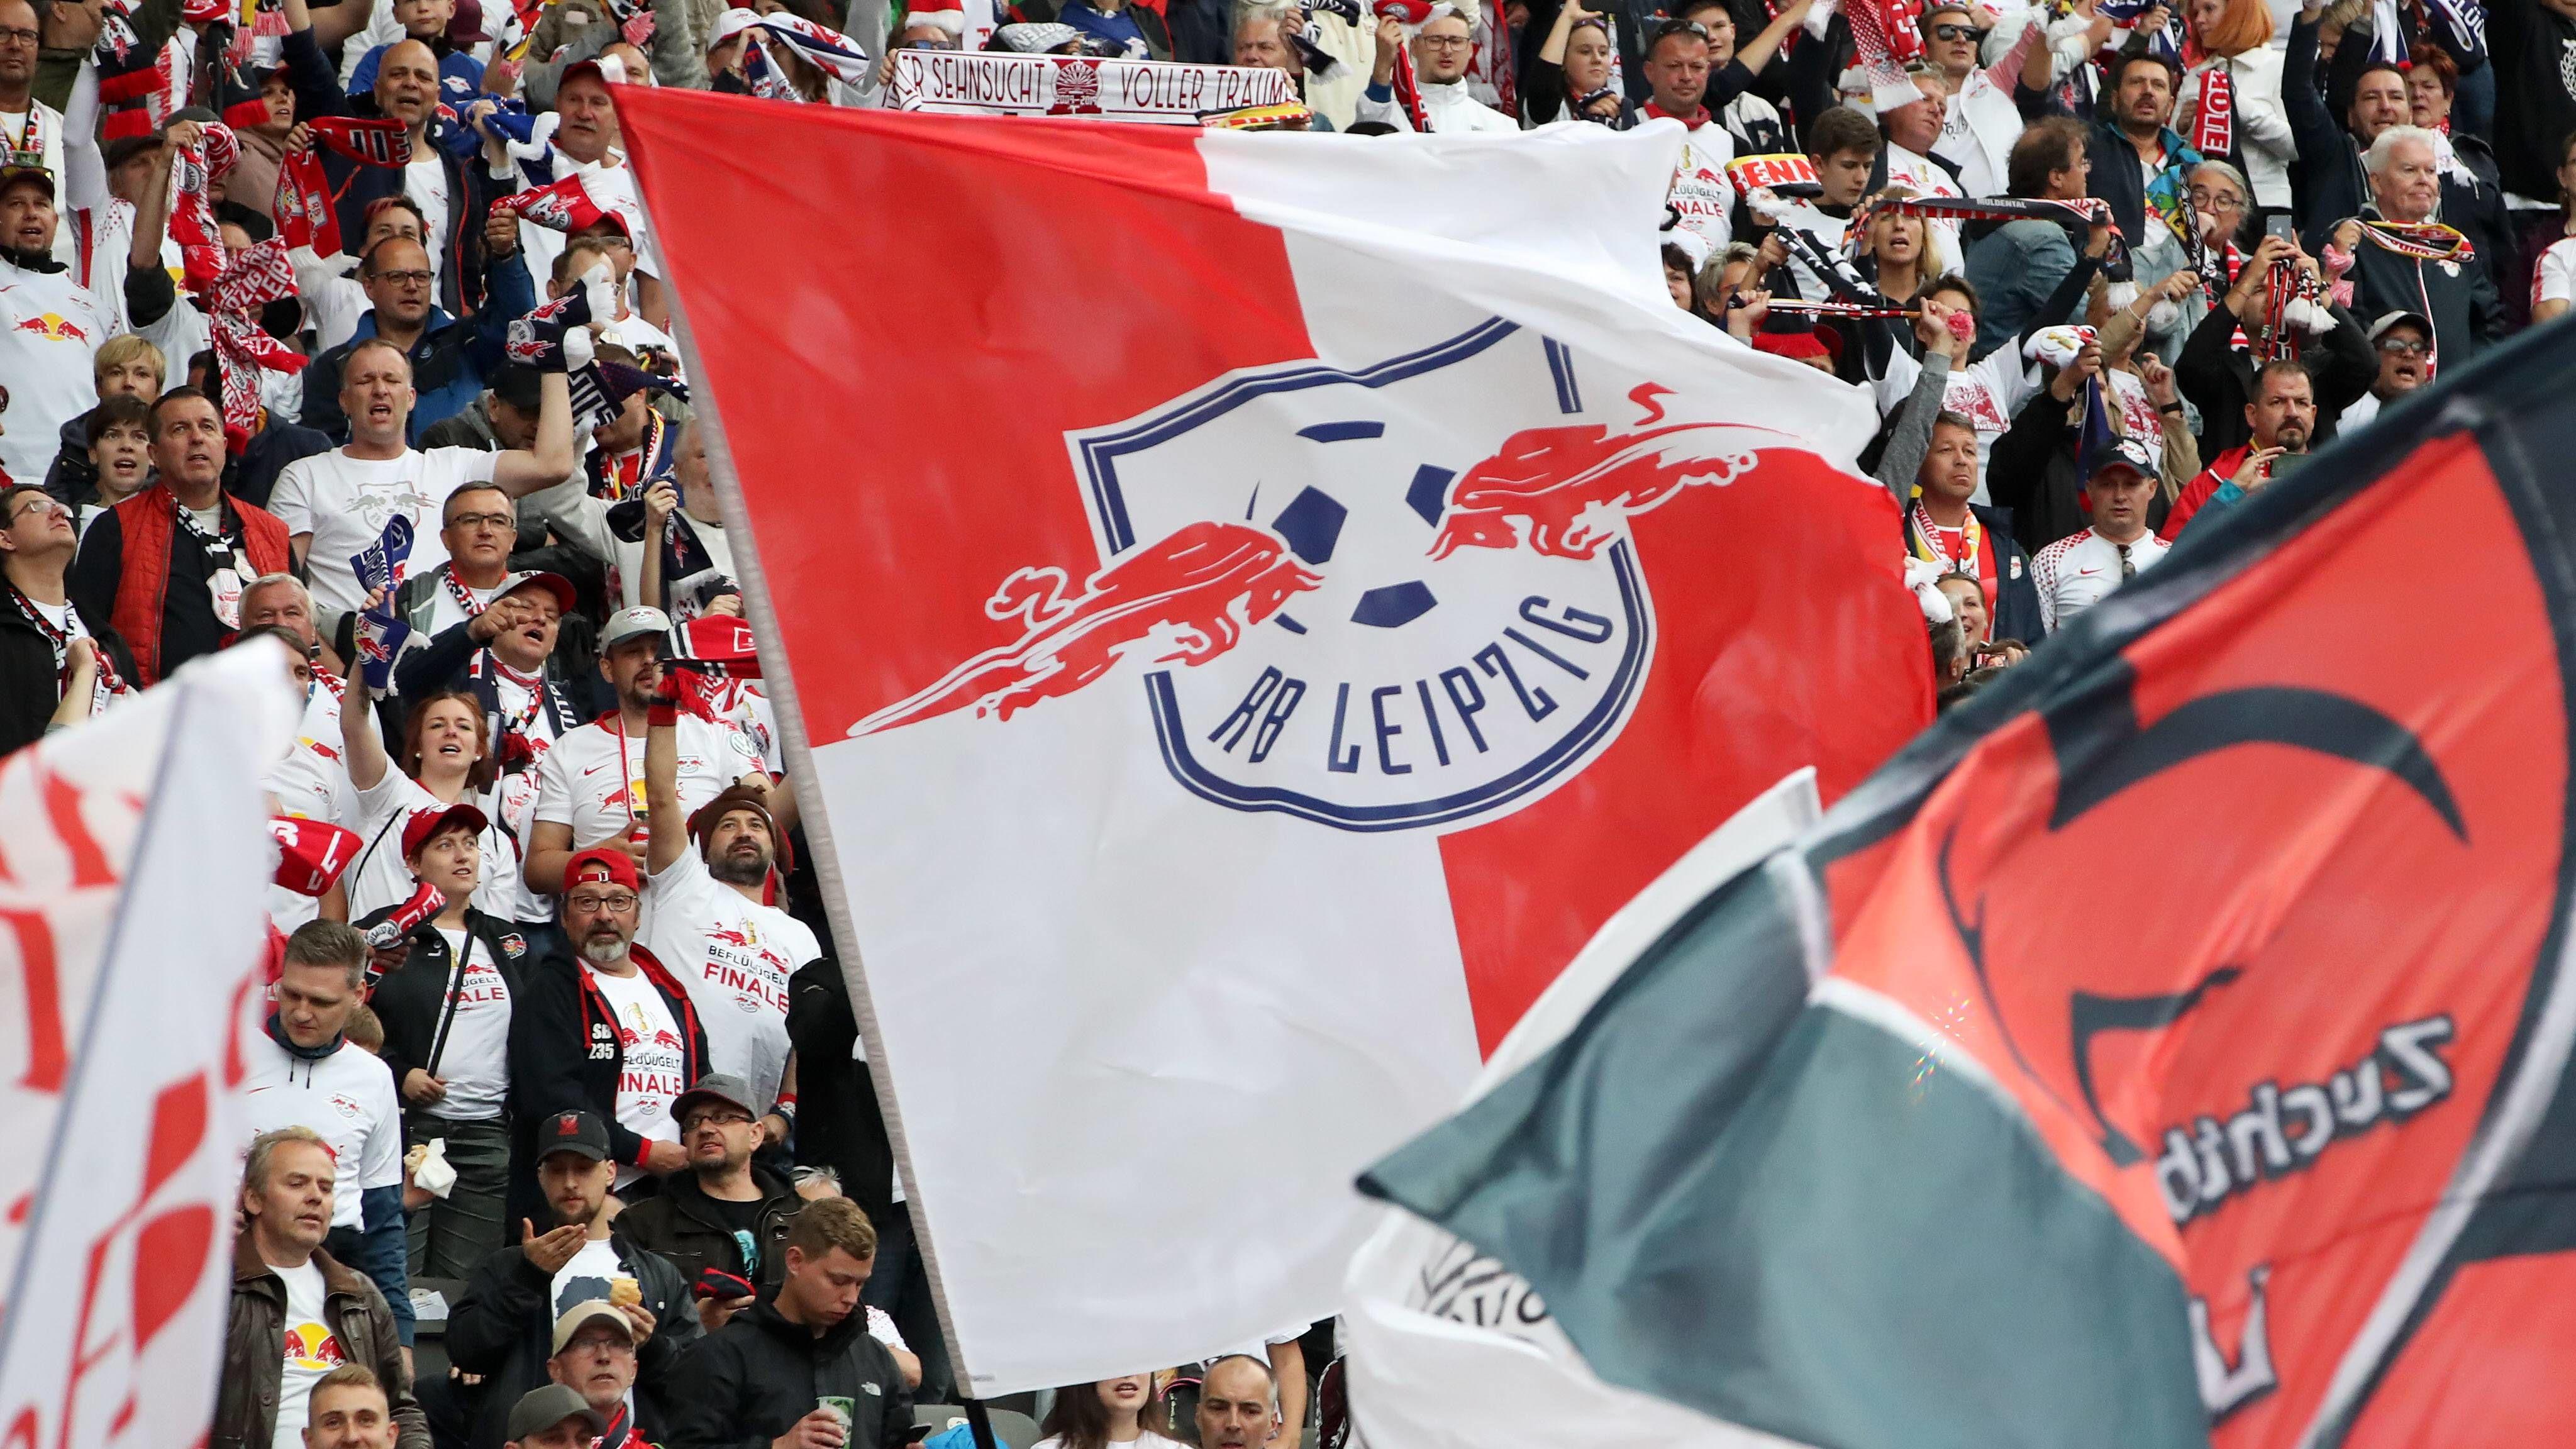 Paderborn und Leipzig: Brisante Kooperation vor dem Aus   Bundesliga - kicker